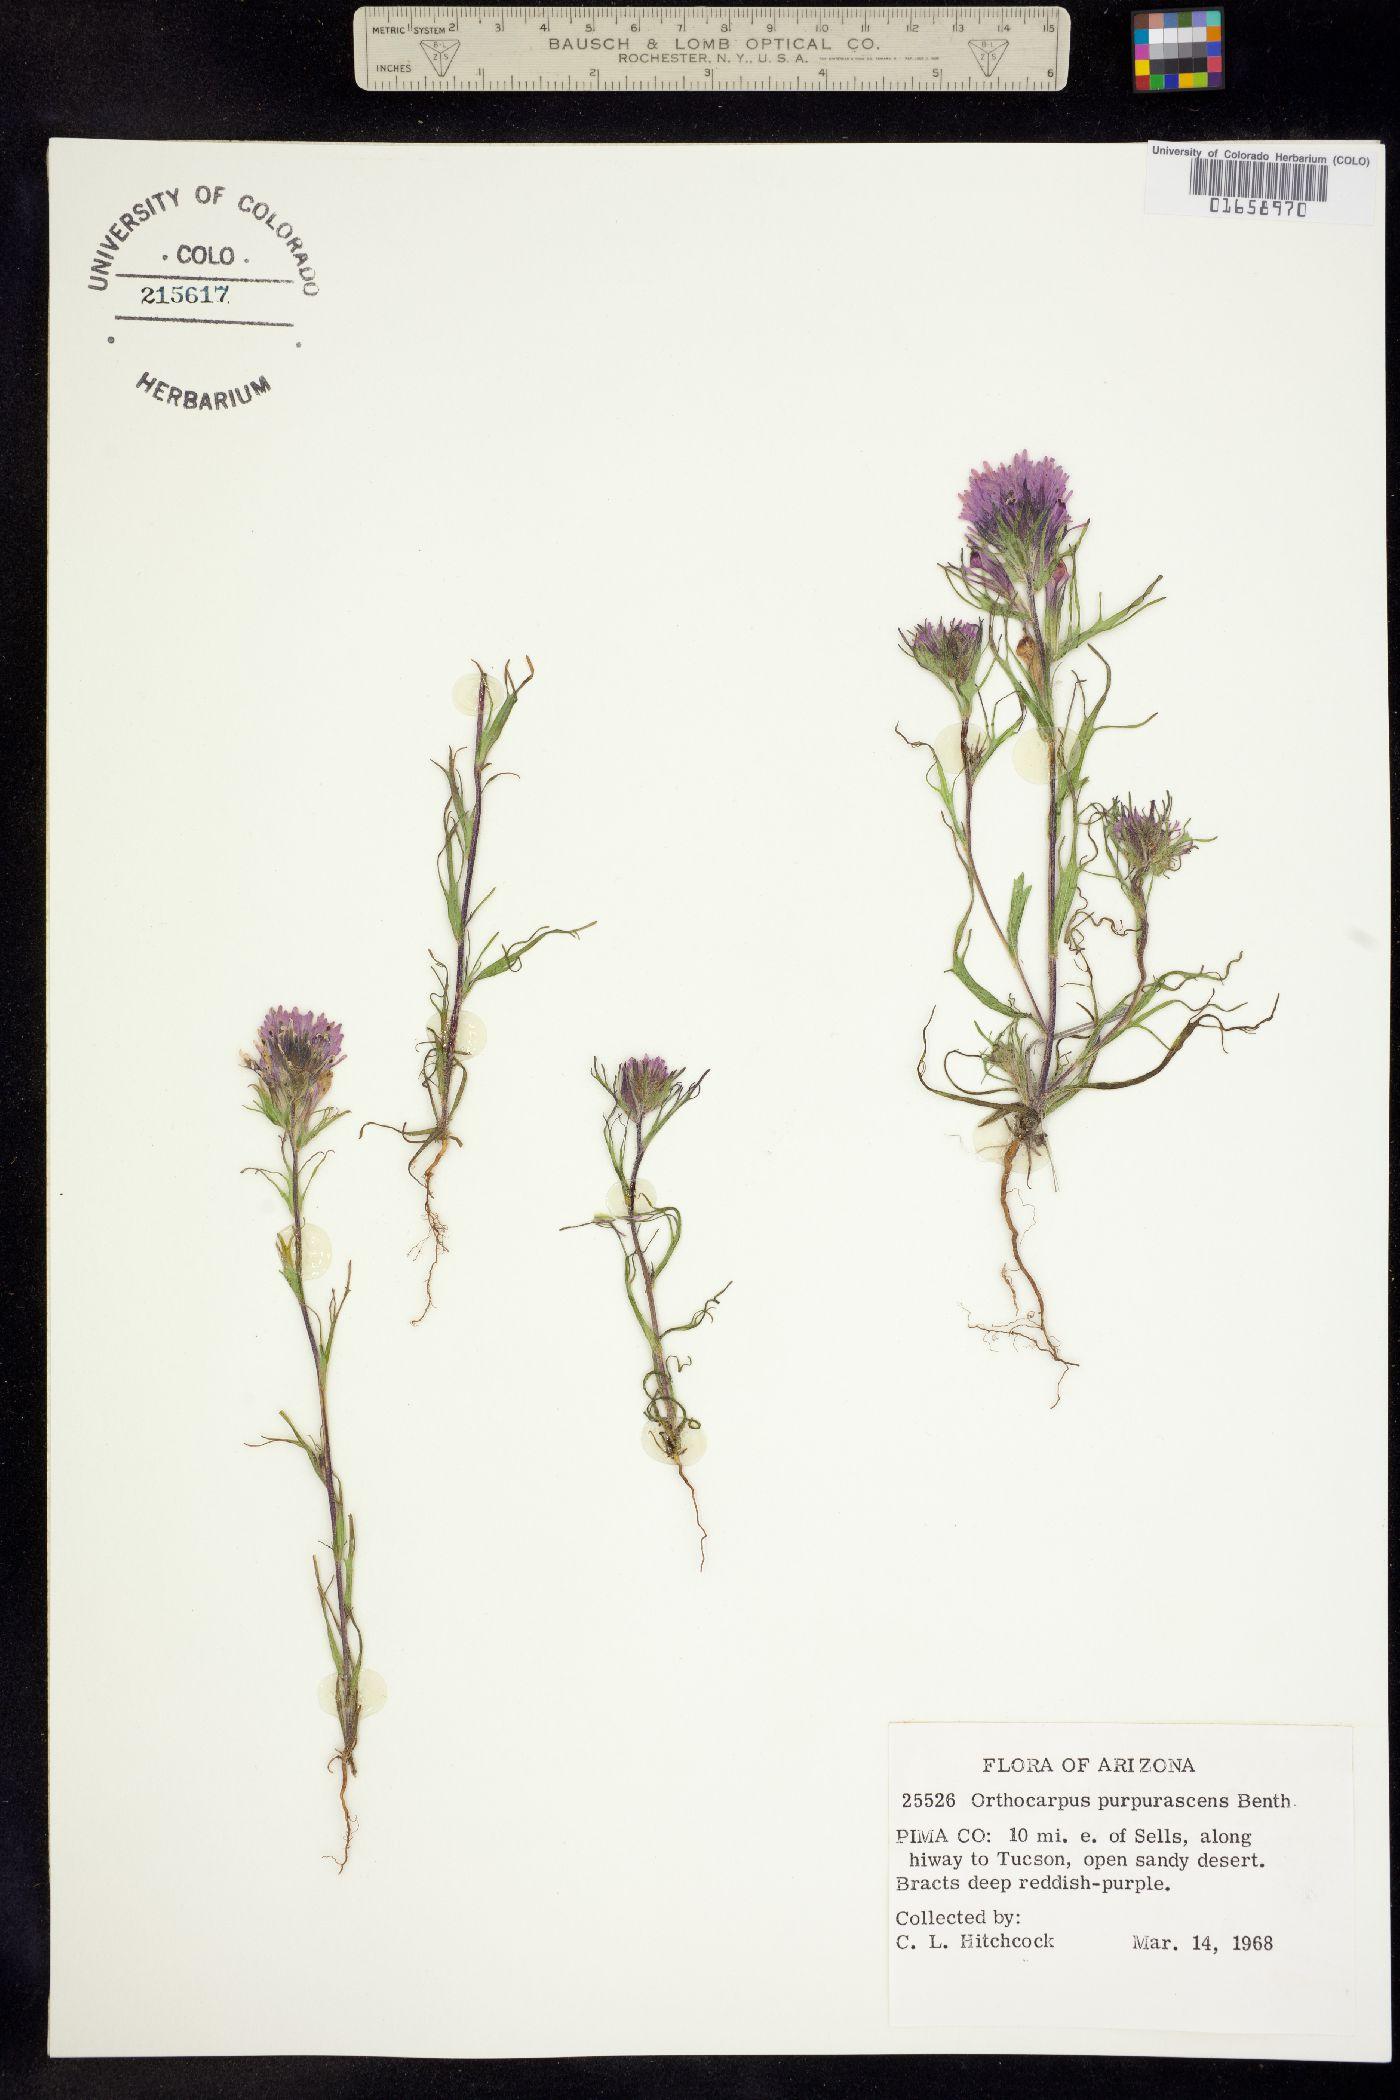 Orthocarpus purpurascens image